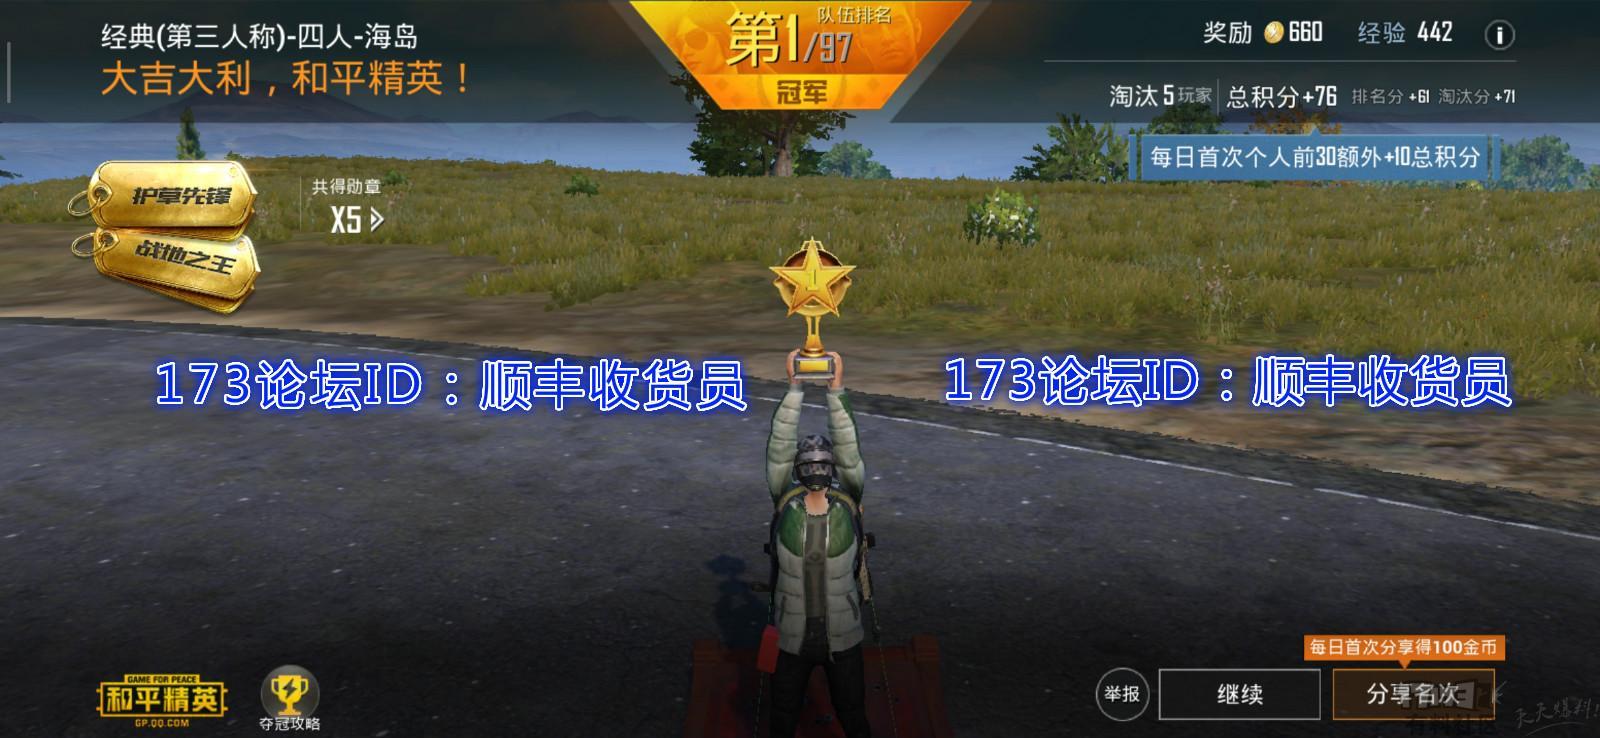 4_meitu_4.jpg